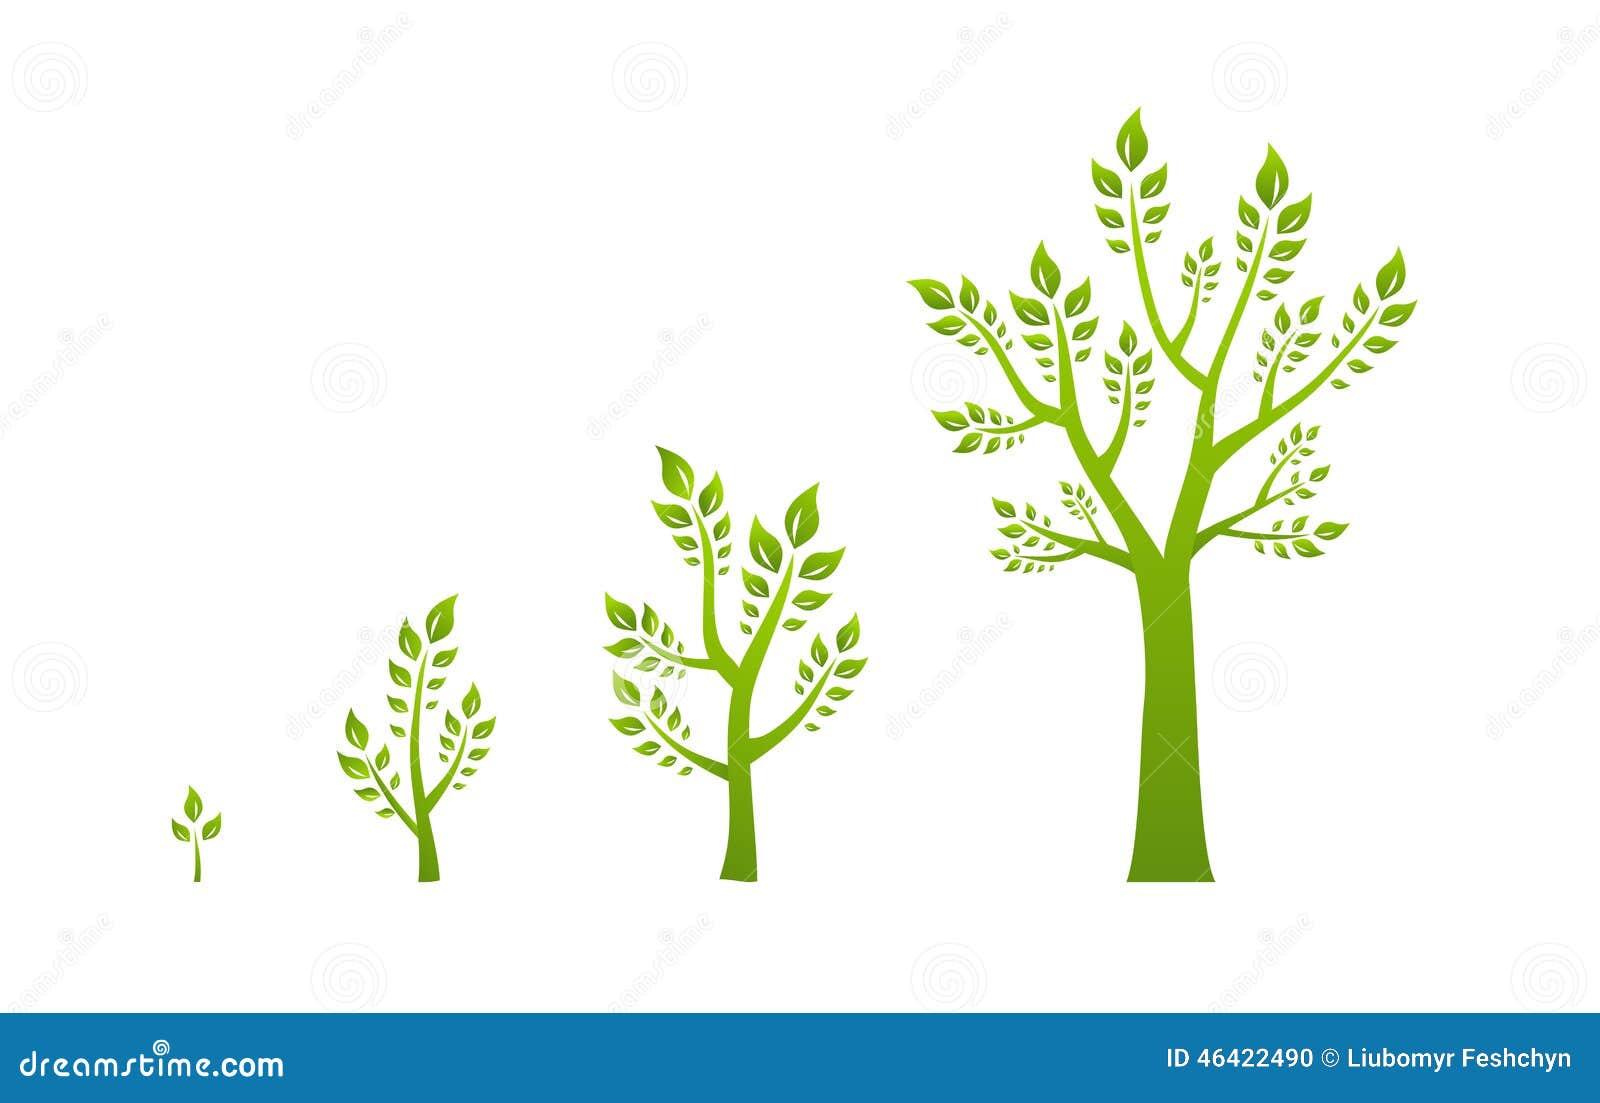 concept vert d 39 eco de croissance d 39 arbre illustration de vecteur illustration du environnement. Black Bedroom Furniture Sets. Home Design Ideas